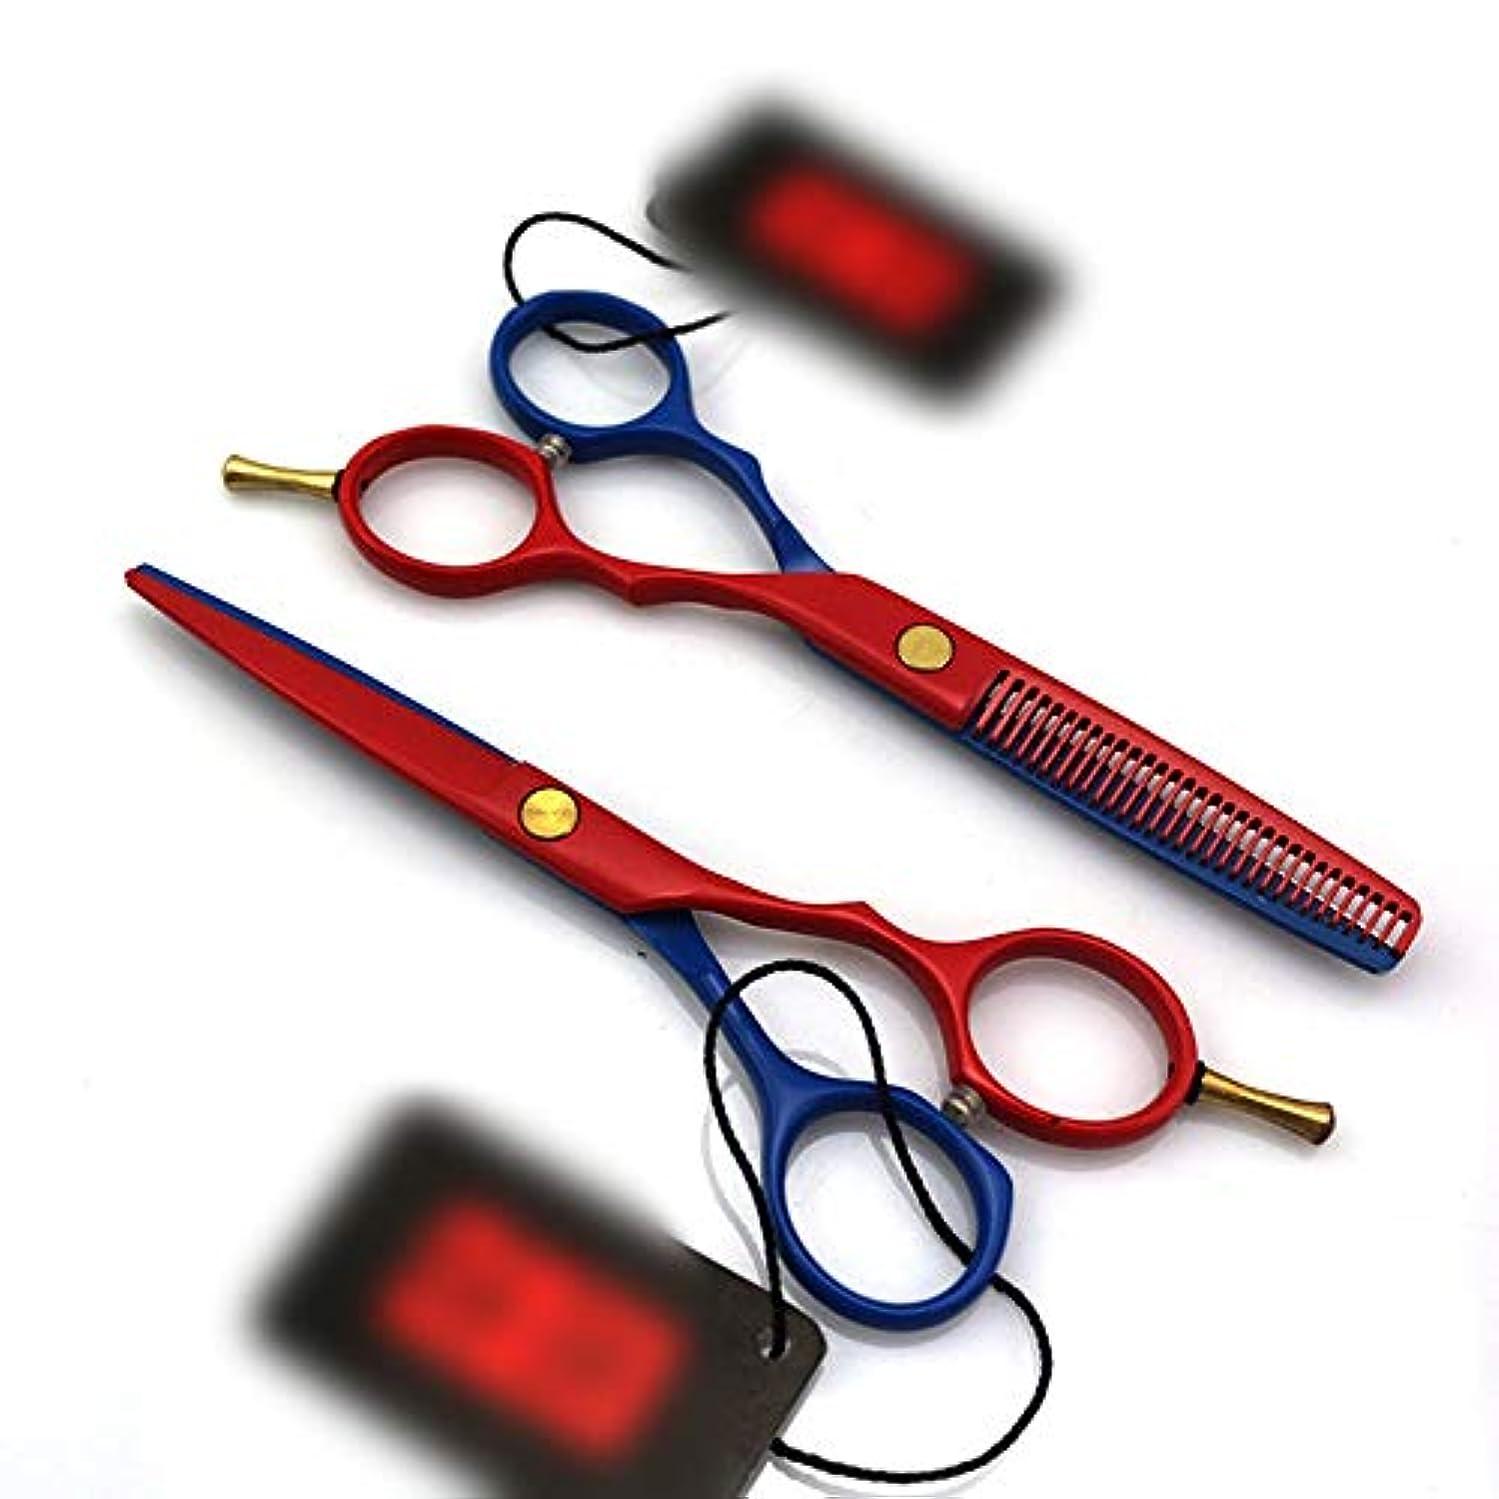 フットボールアライメントチューインガムWASAIO 理髪はさみプロフェッショナル理容サロンレイザーエッジツール髪のクリッピング間伐歯のはさみセットのテクスチャーシザー5.5インチSavourless +トゥース (色 : Red and blue)